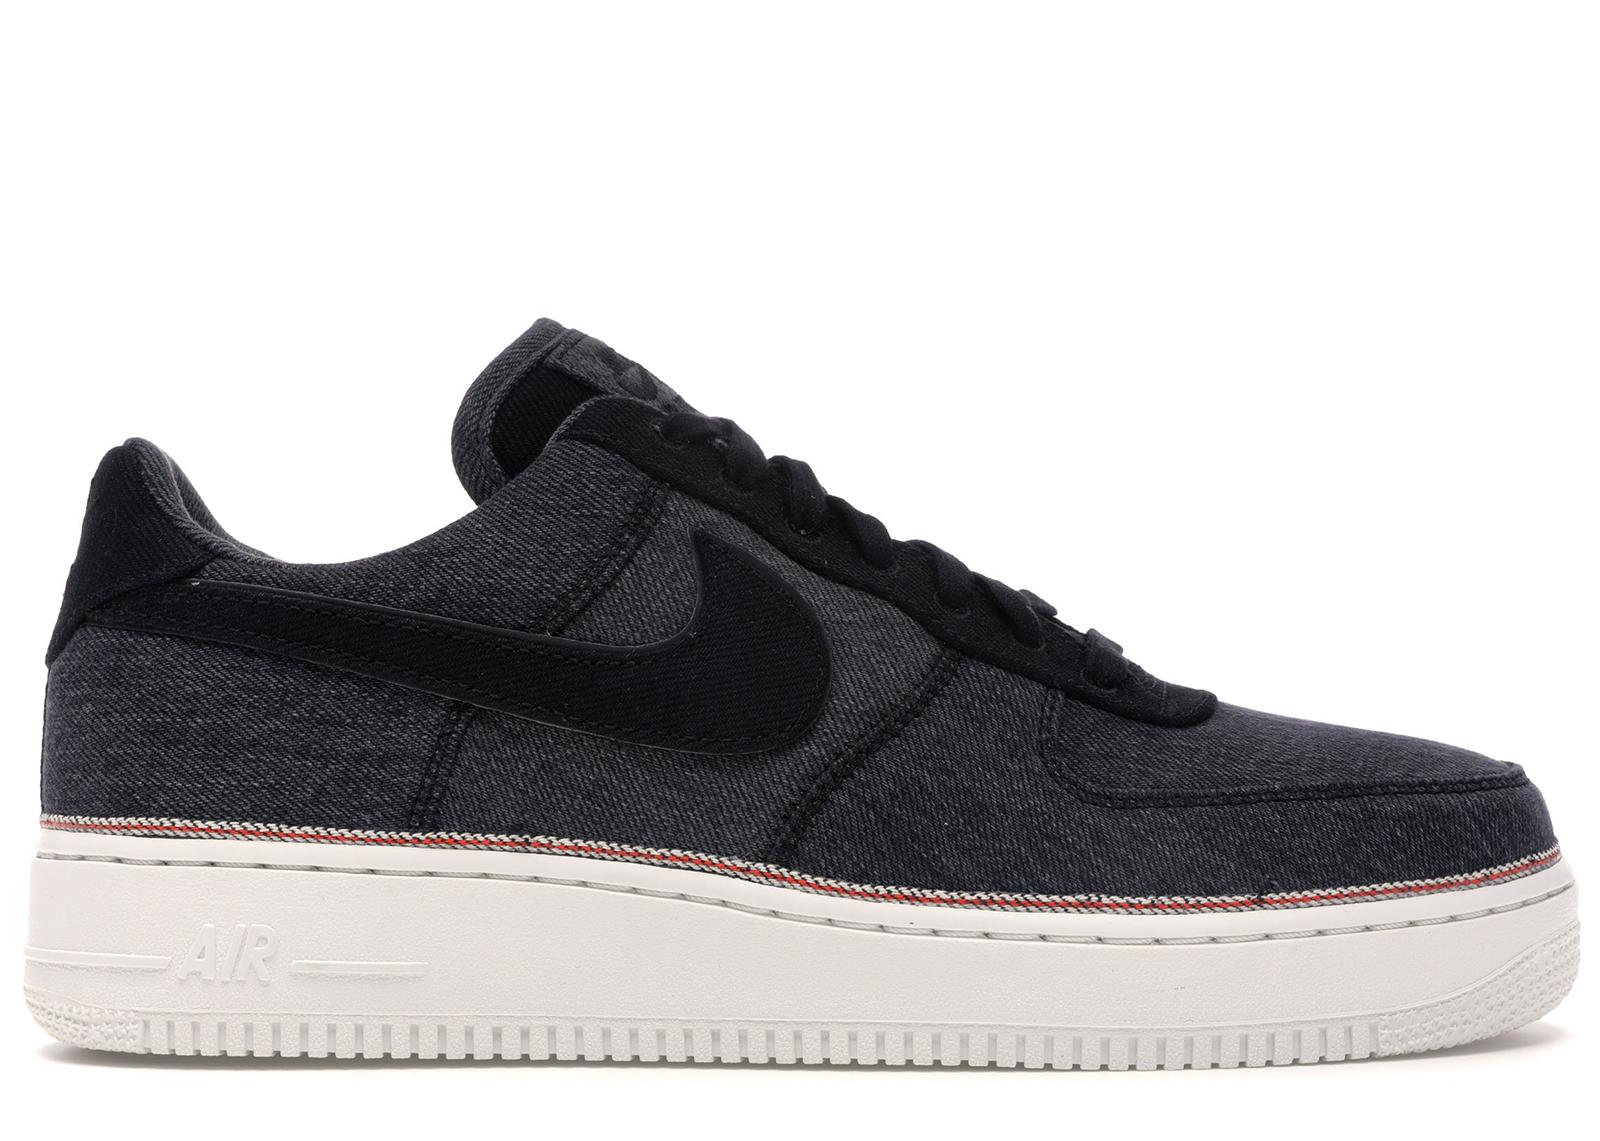 Nike Air Force 1 Low 3x1 Denim Black